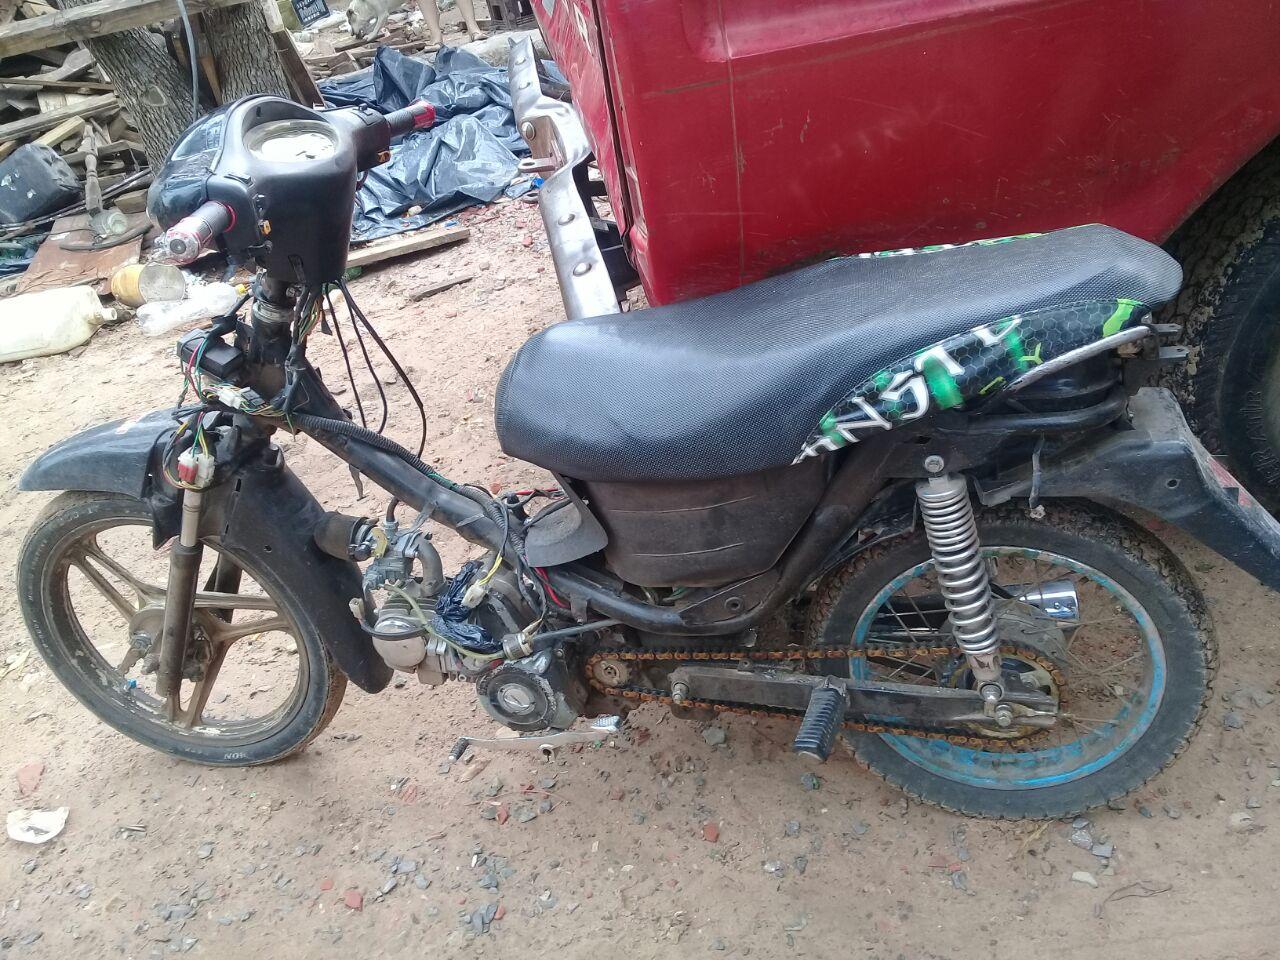 Demorado y motocicleta secuestrada durante tareas de prevención